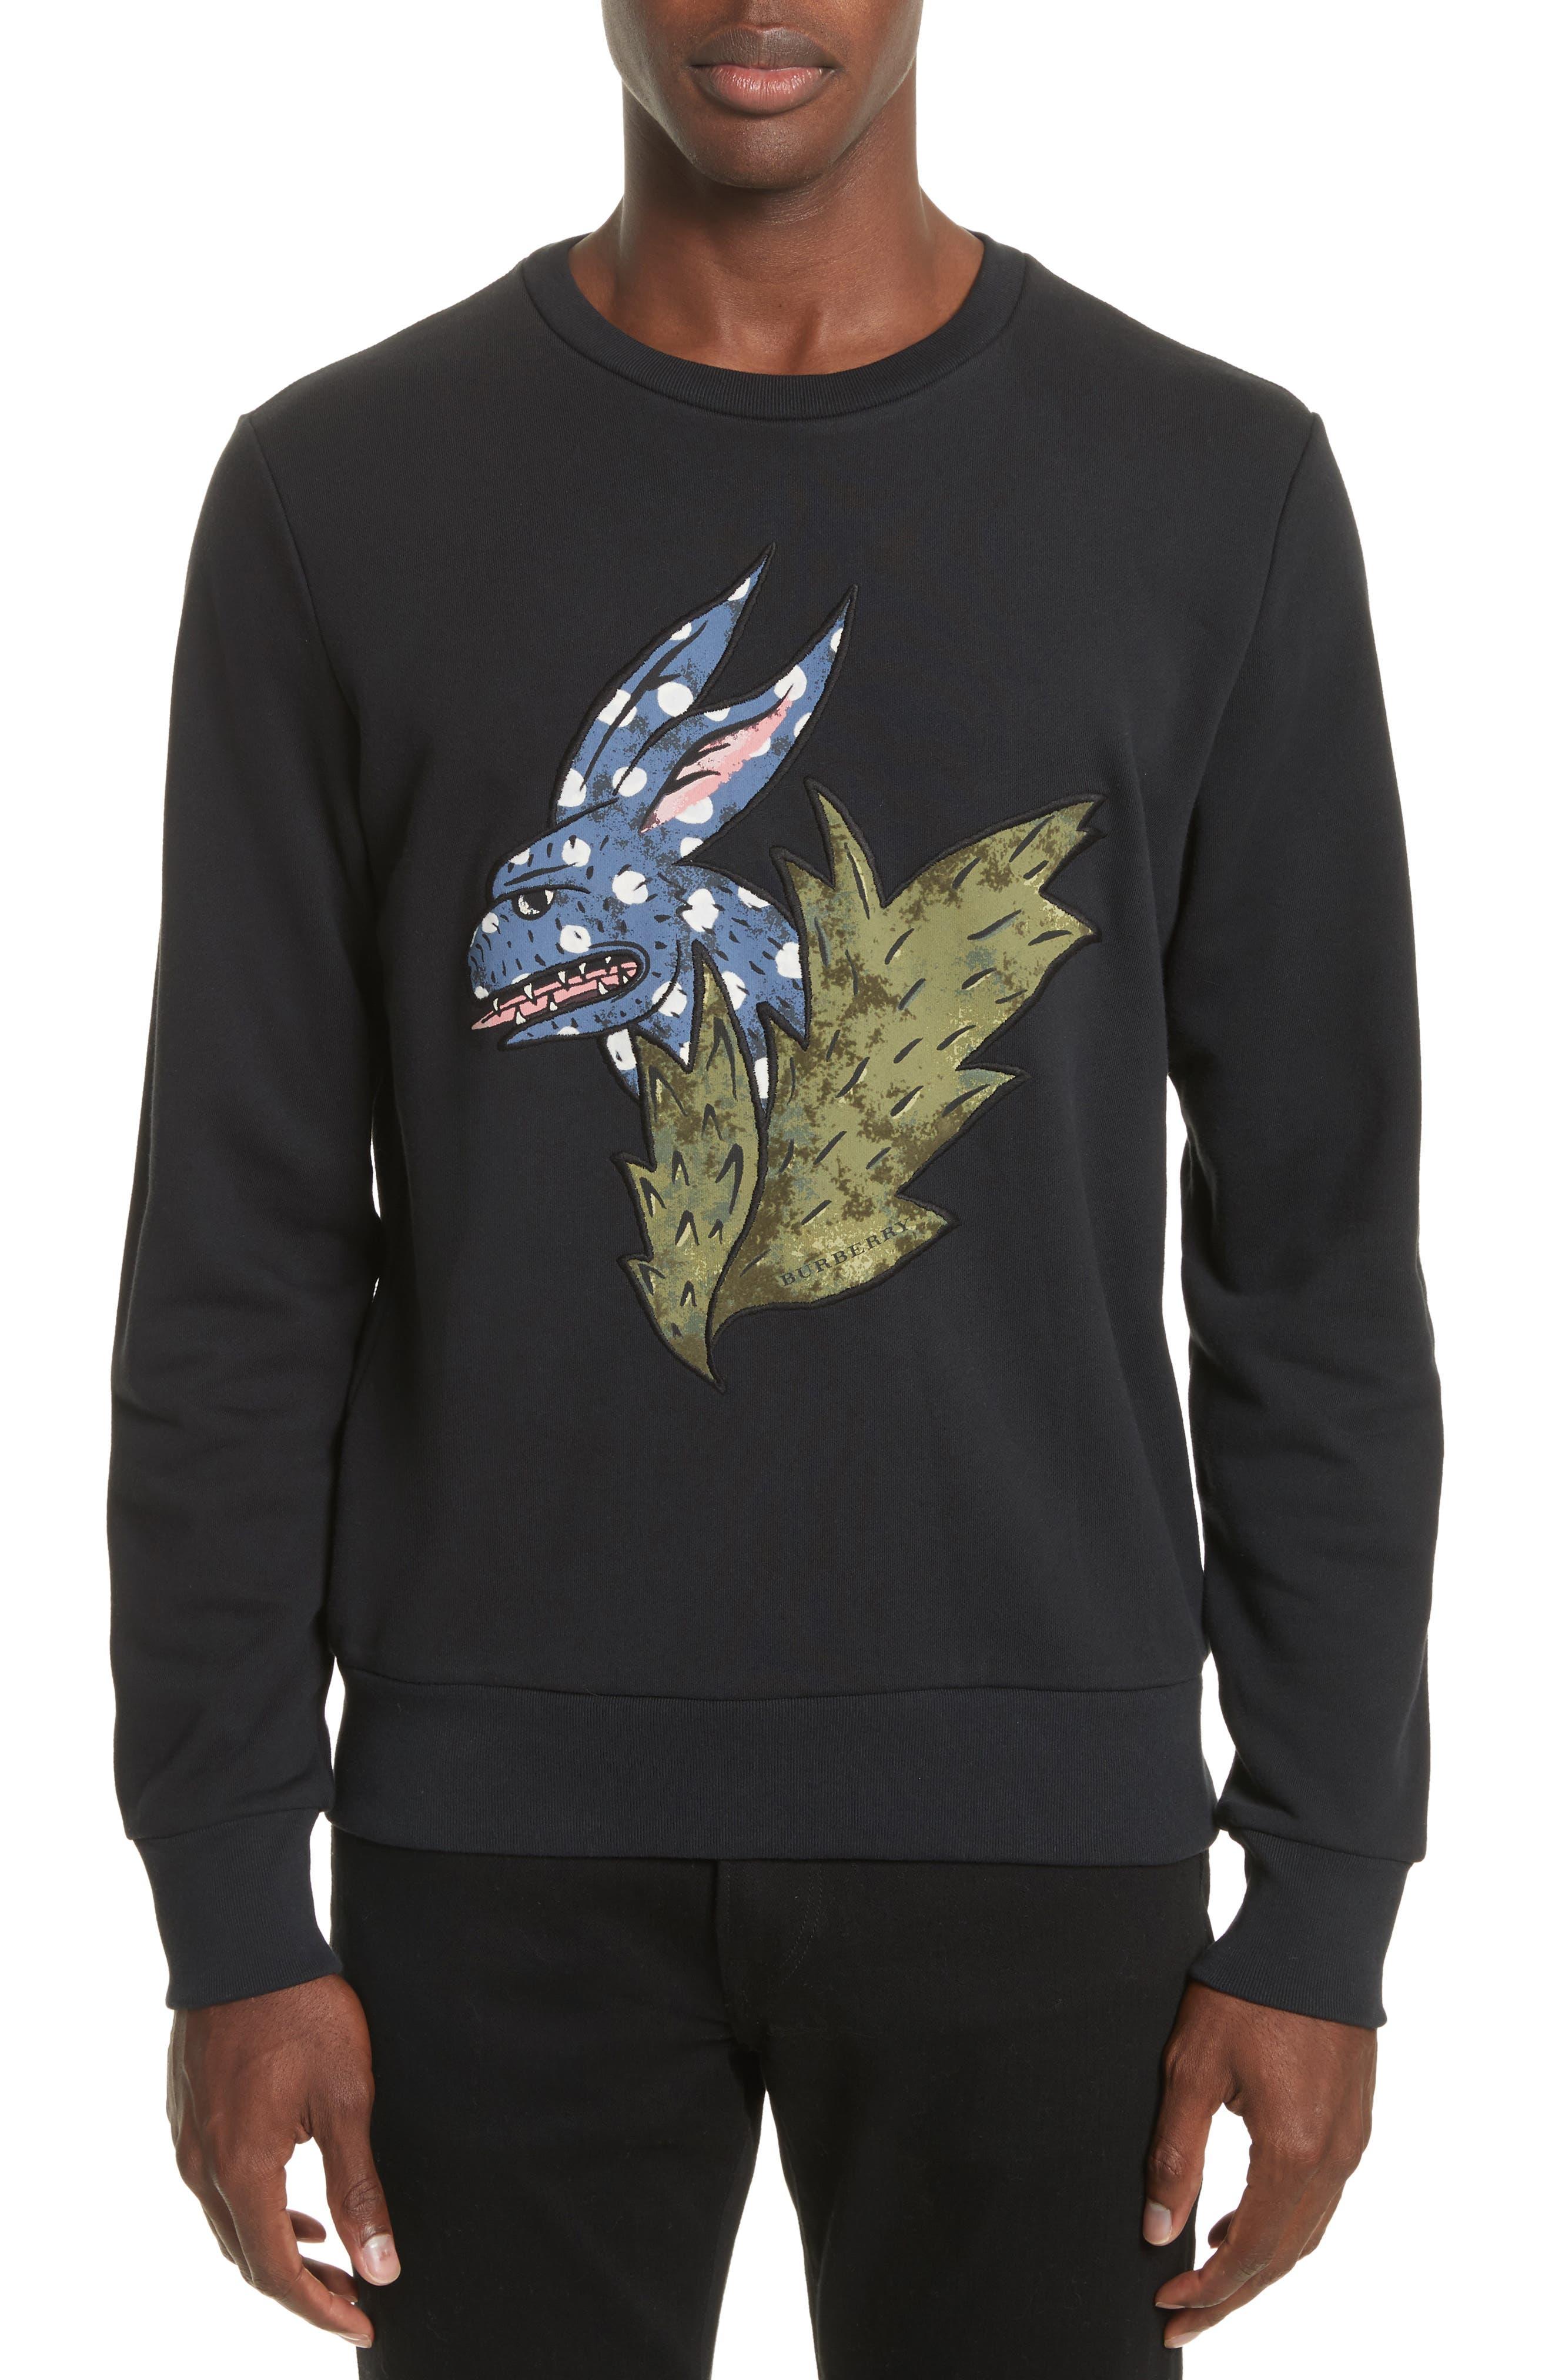 Burberry Beasts Appliqué Crewneck Sweatshirt